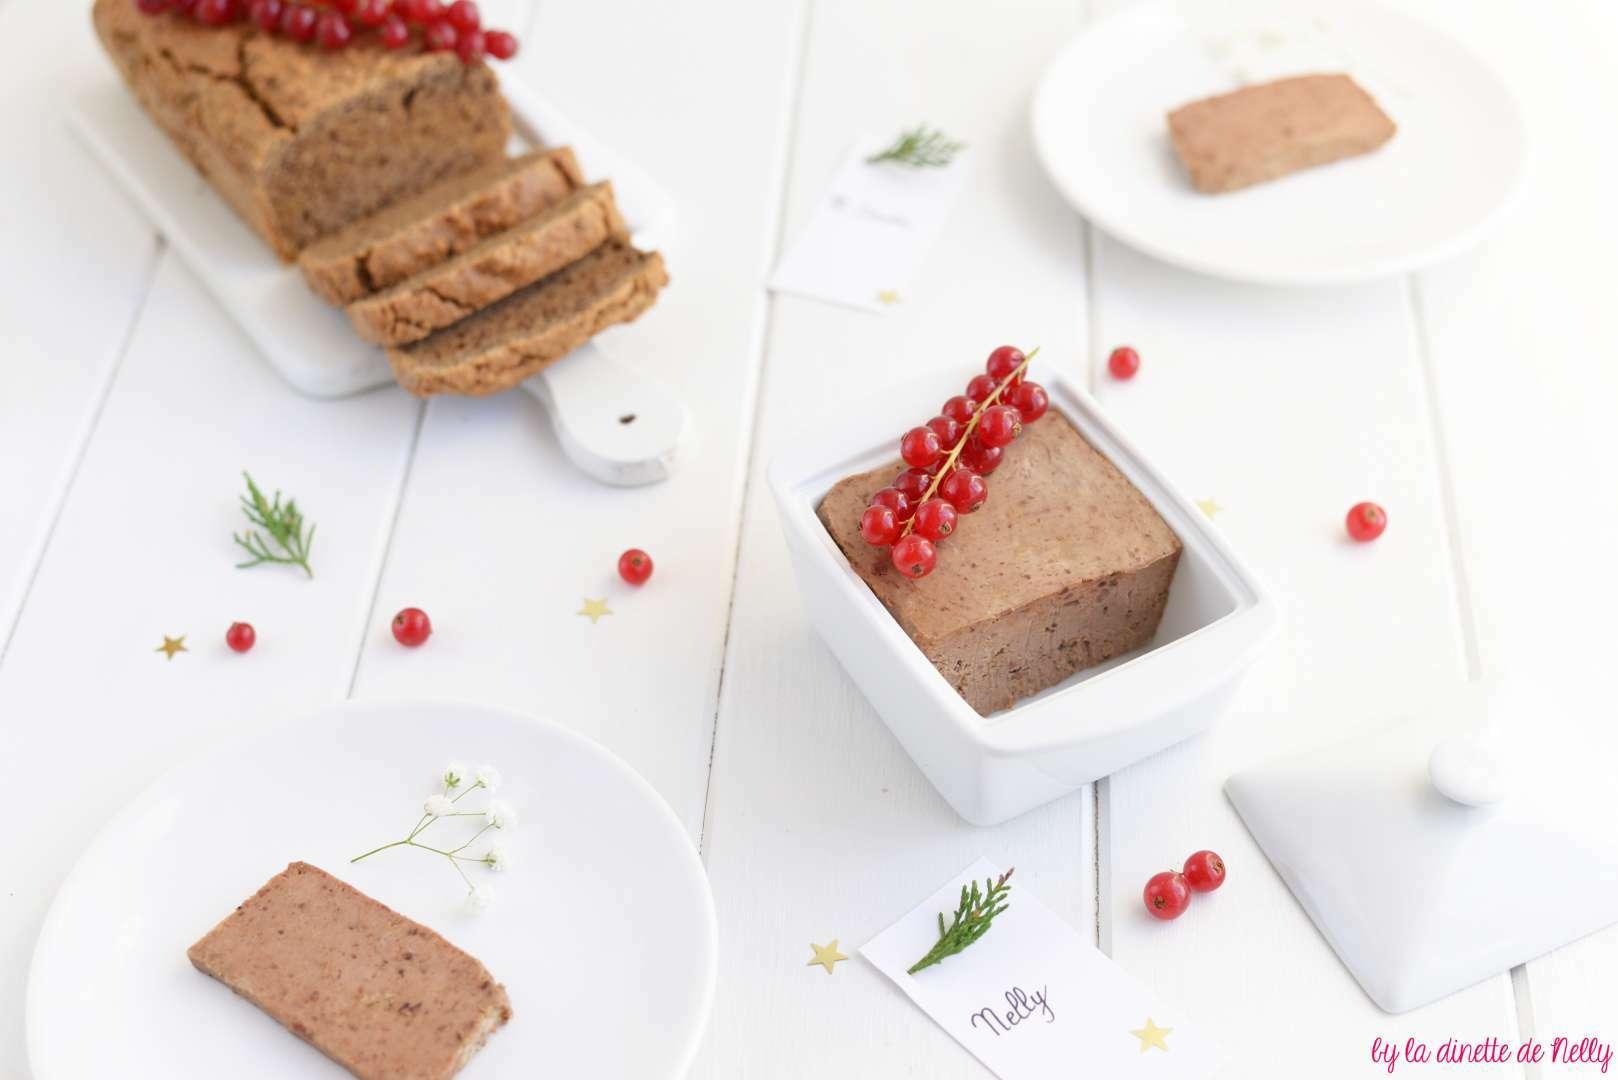 foie gras du pauvre recette ptitchef. Black Bedroom Furniture Sets. Home Design Ideas